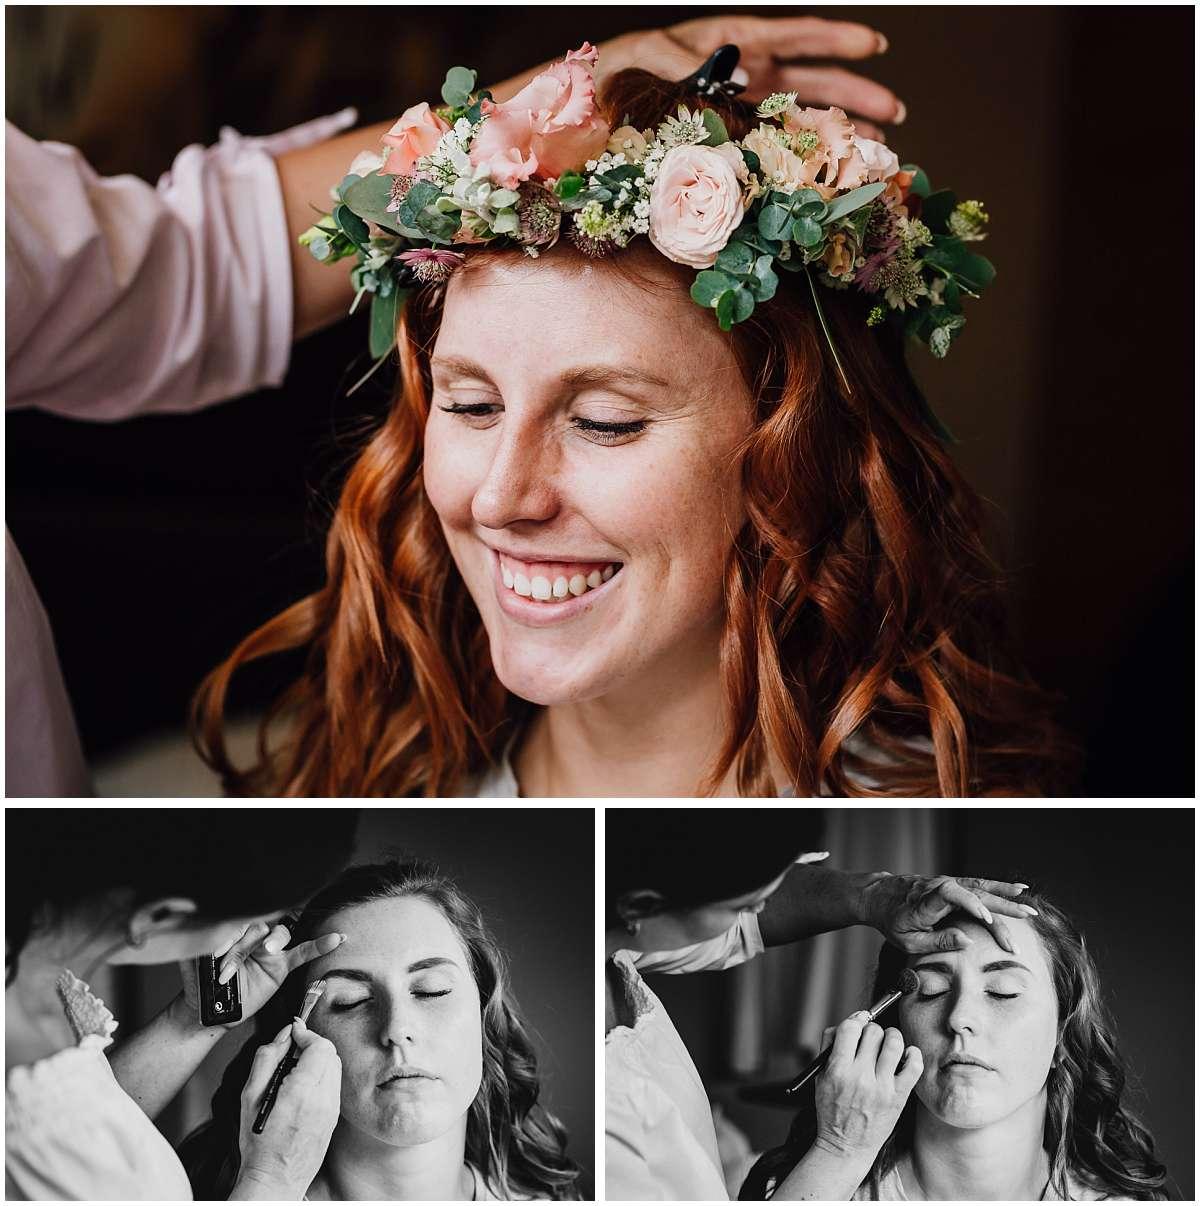 Getting Ready der Braut im Hotel vor der freien Trauung